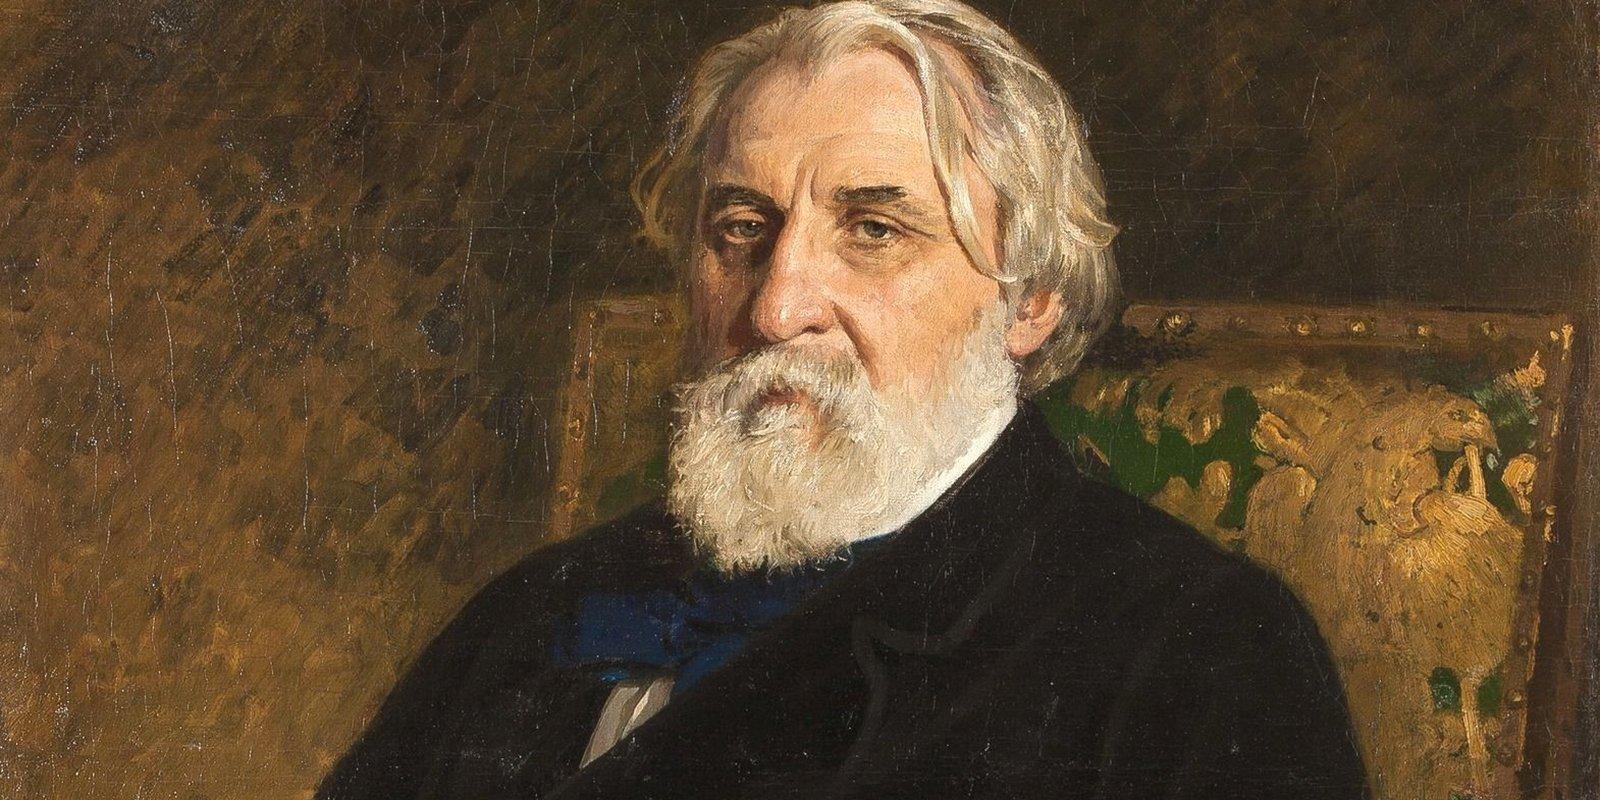 И. Репин. Портрет И.С. Тургенева. Фрагмент. 1874 год